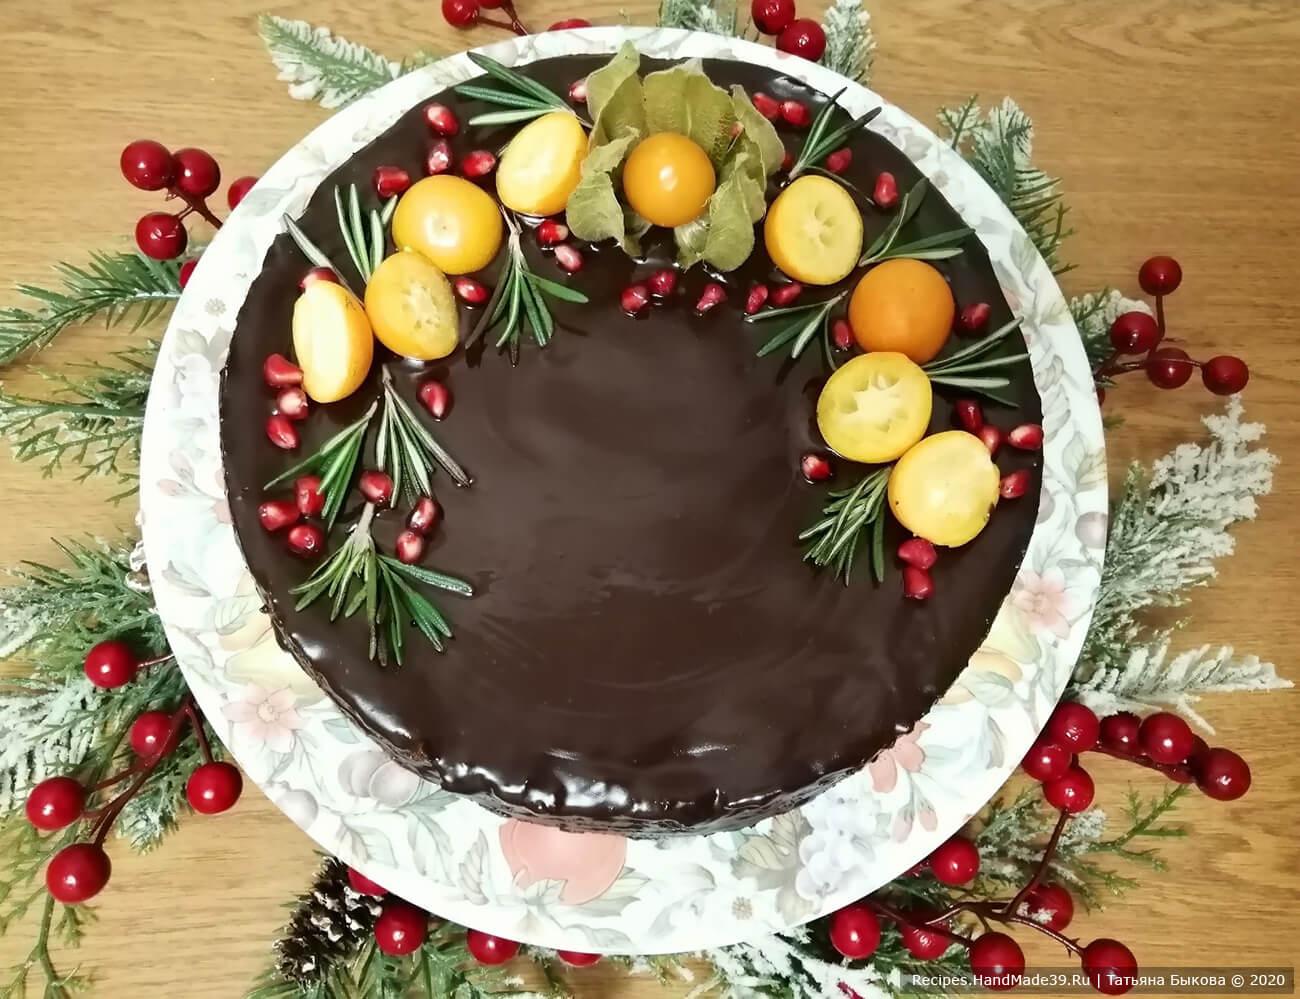 Баумкухен – немецкий «дерево-пирог» с апельсиновым джемом – пошаговый рецепт с фото